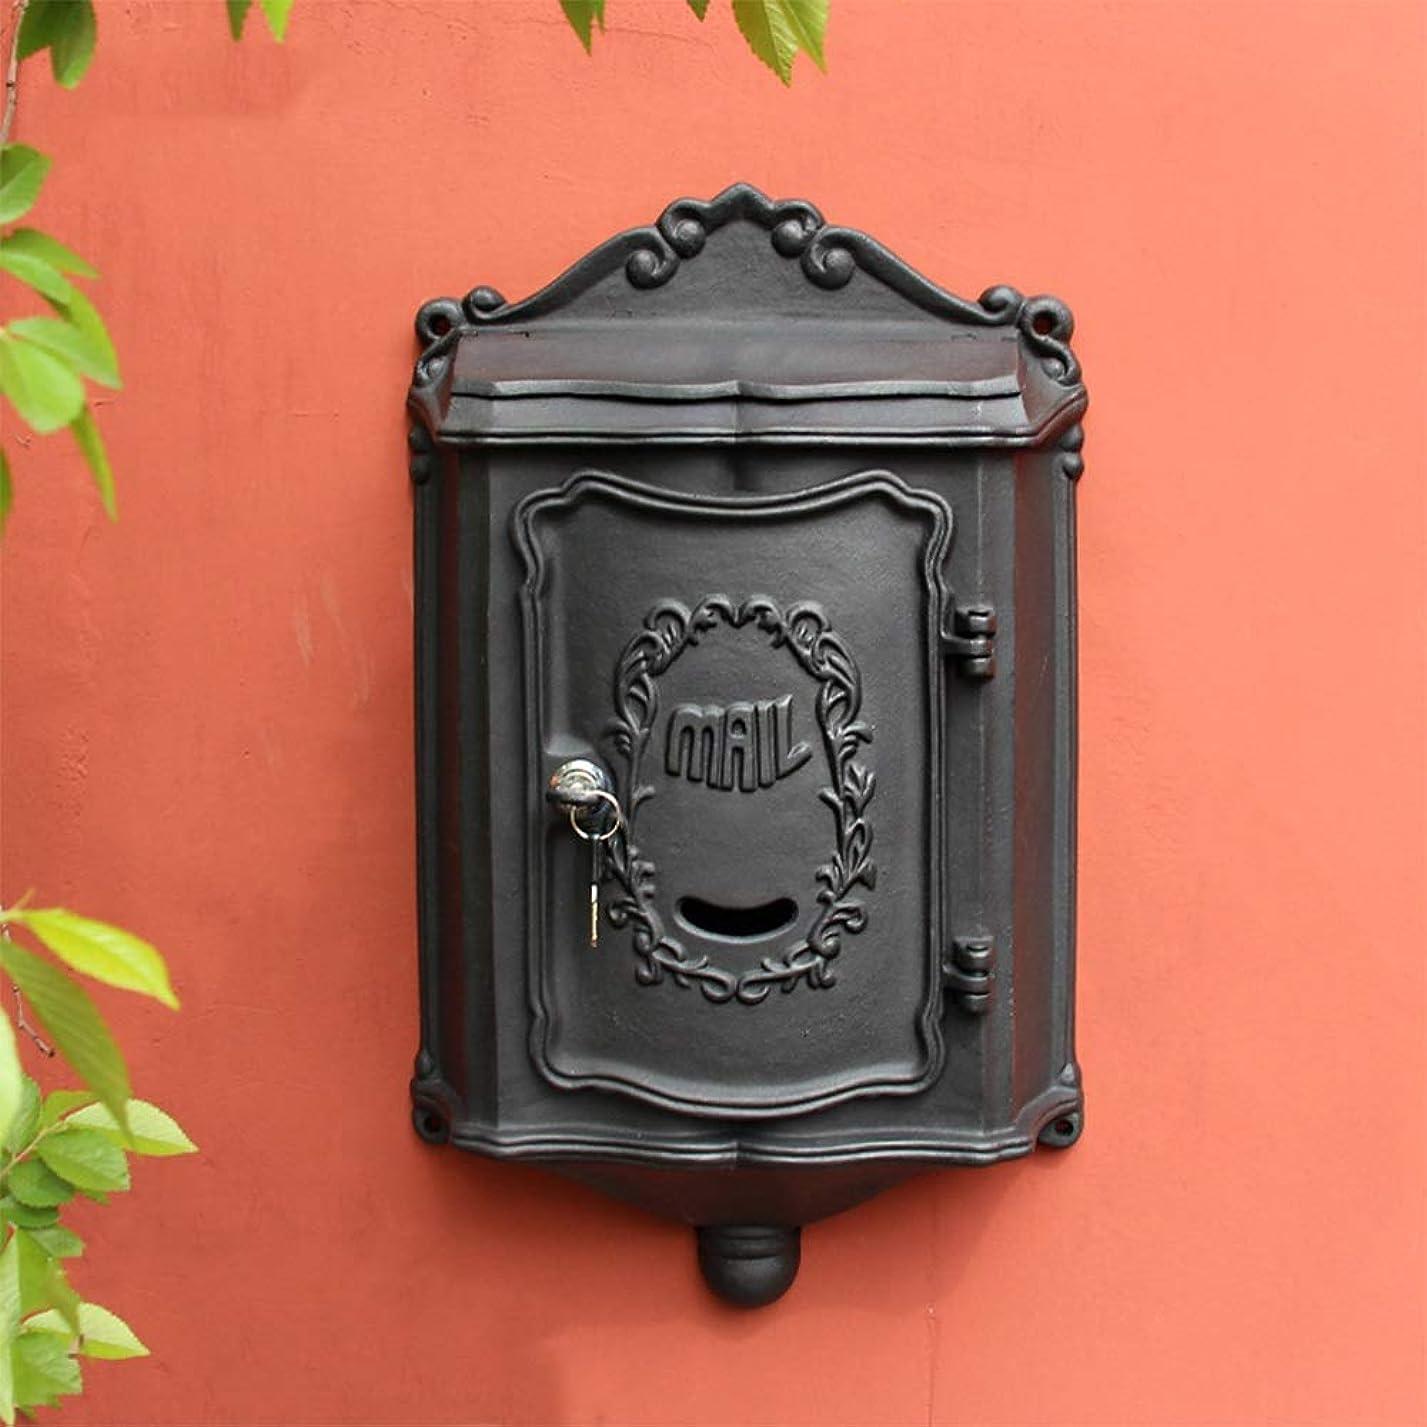 他の日立方体投獄メールボックスのロック壁掛け垂直 郵便箱 - 鋳鉄、ヨーロッパのレトロ鍛造の鉄のヴィラ屋外屋外の壁にマウントされた郵便受けの郵便箱、ヴィラ、中庭、家のために適した - 利用可能な2色 (色 : 黒)